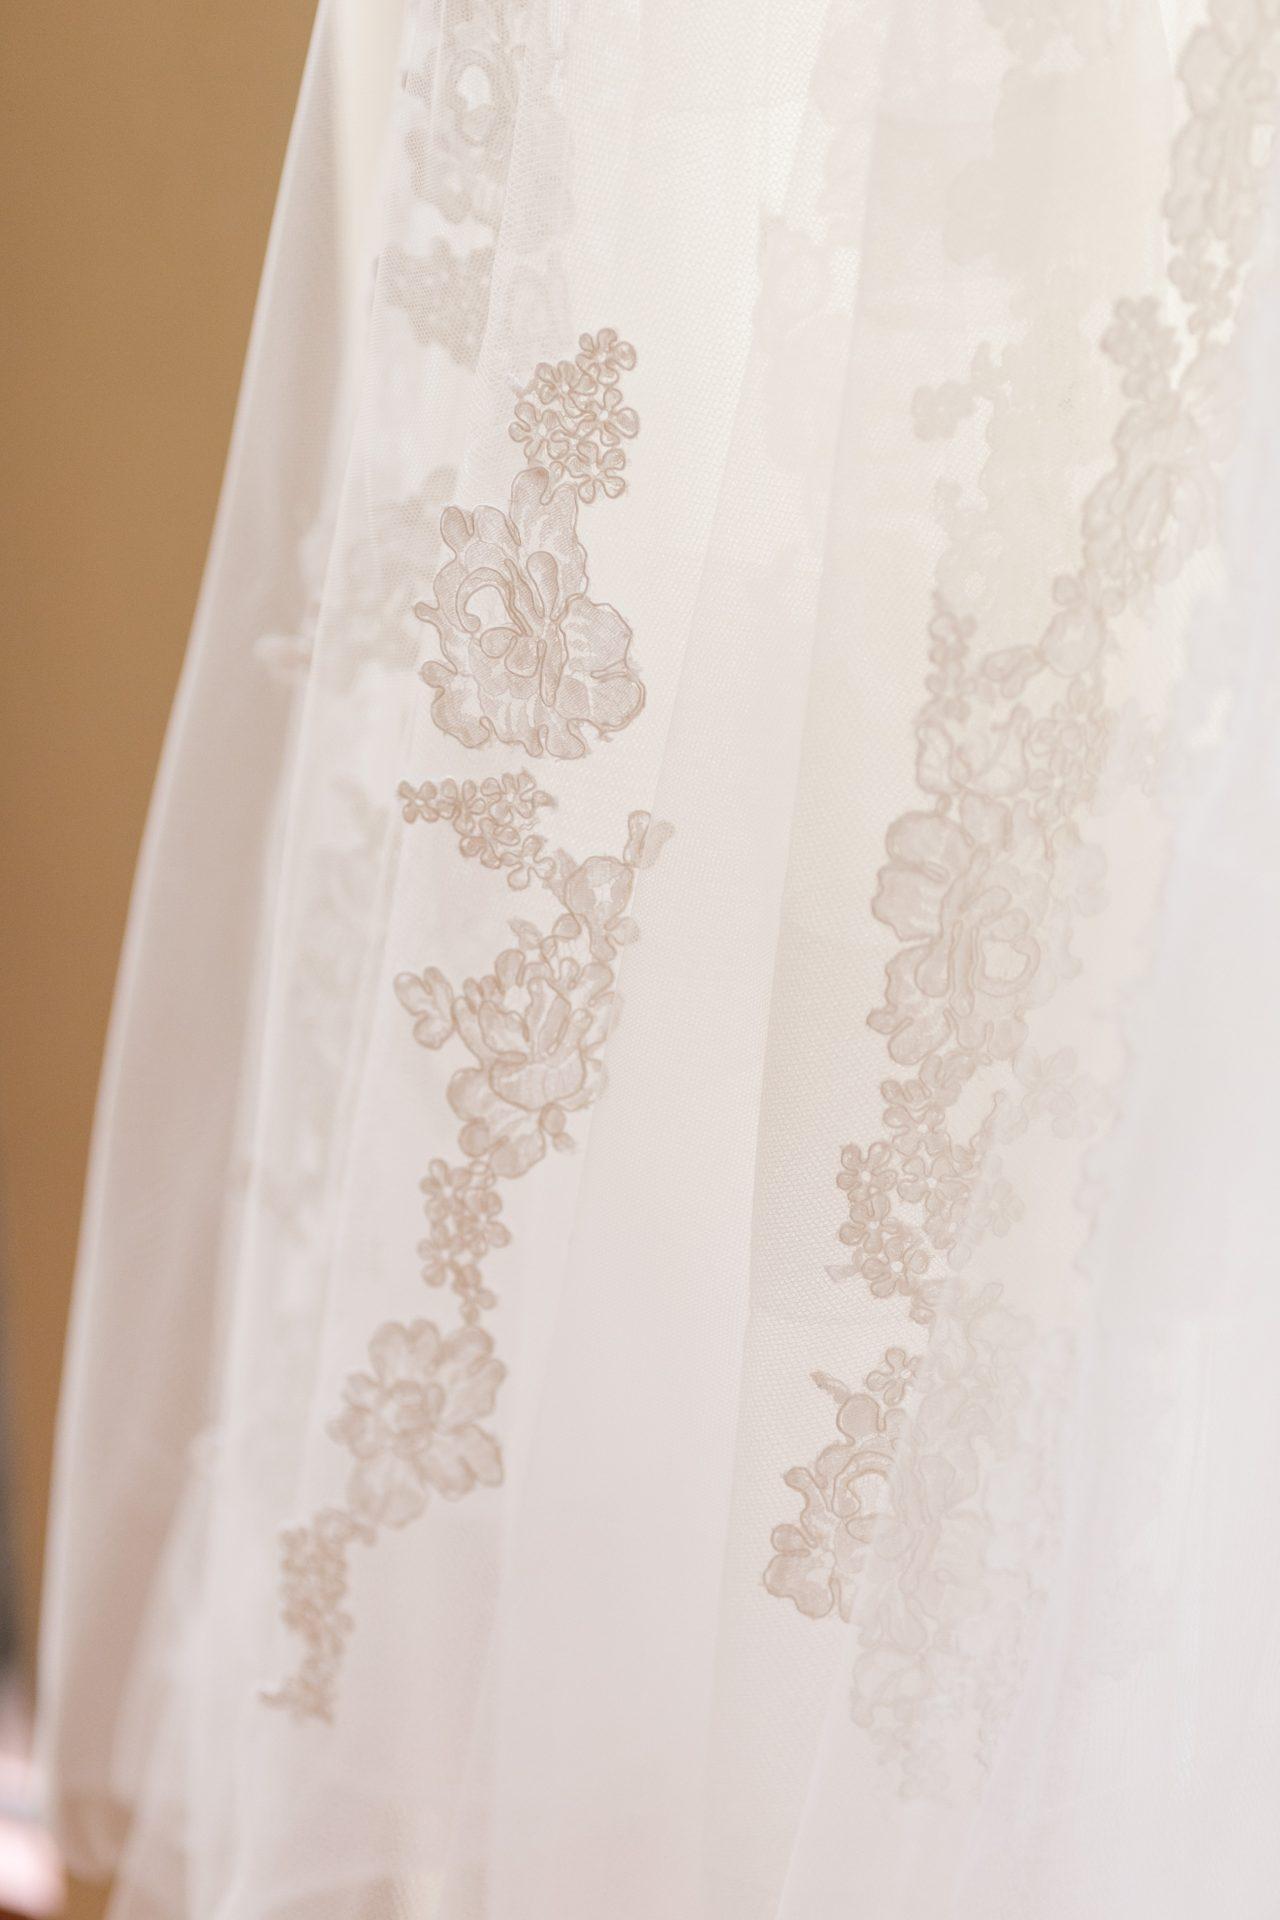 インポートドレスならではの繊細なチュール生地に自然光を通す事で透明感が増し、美しいレースが浮かび上がるような印象に